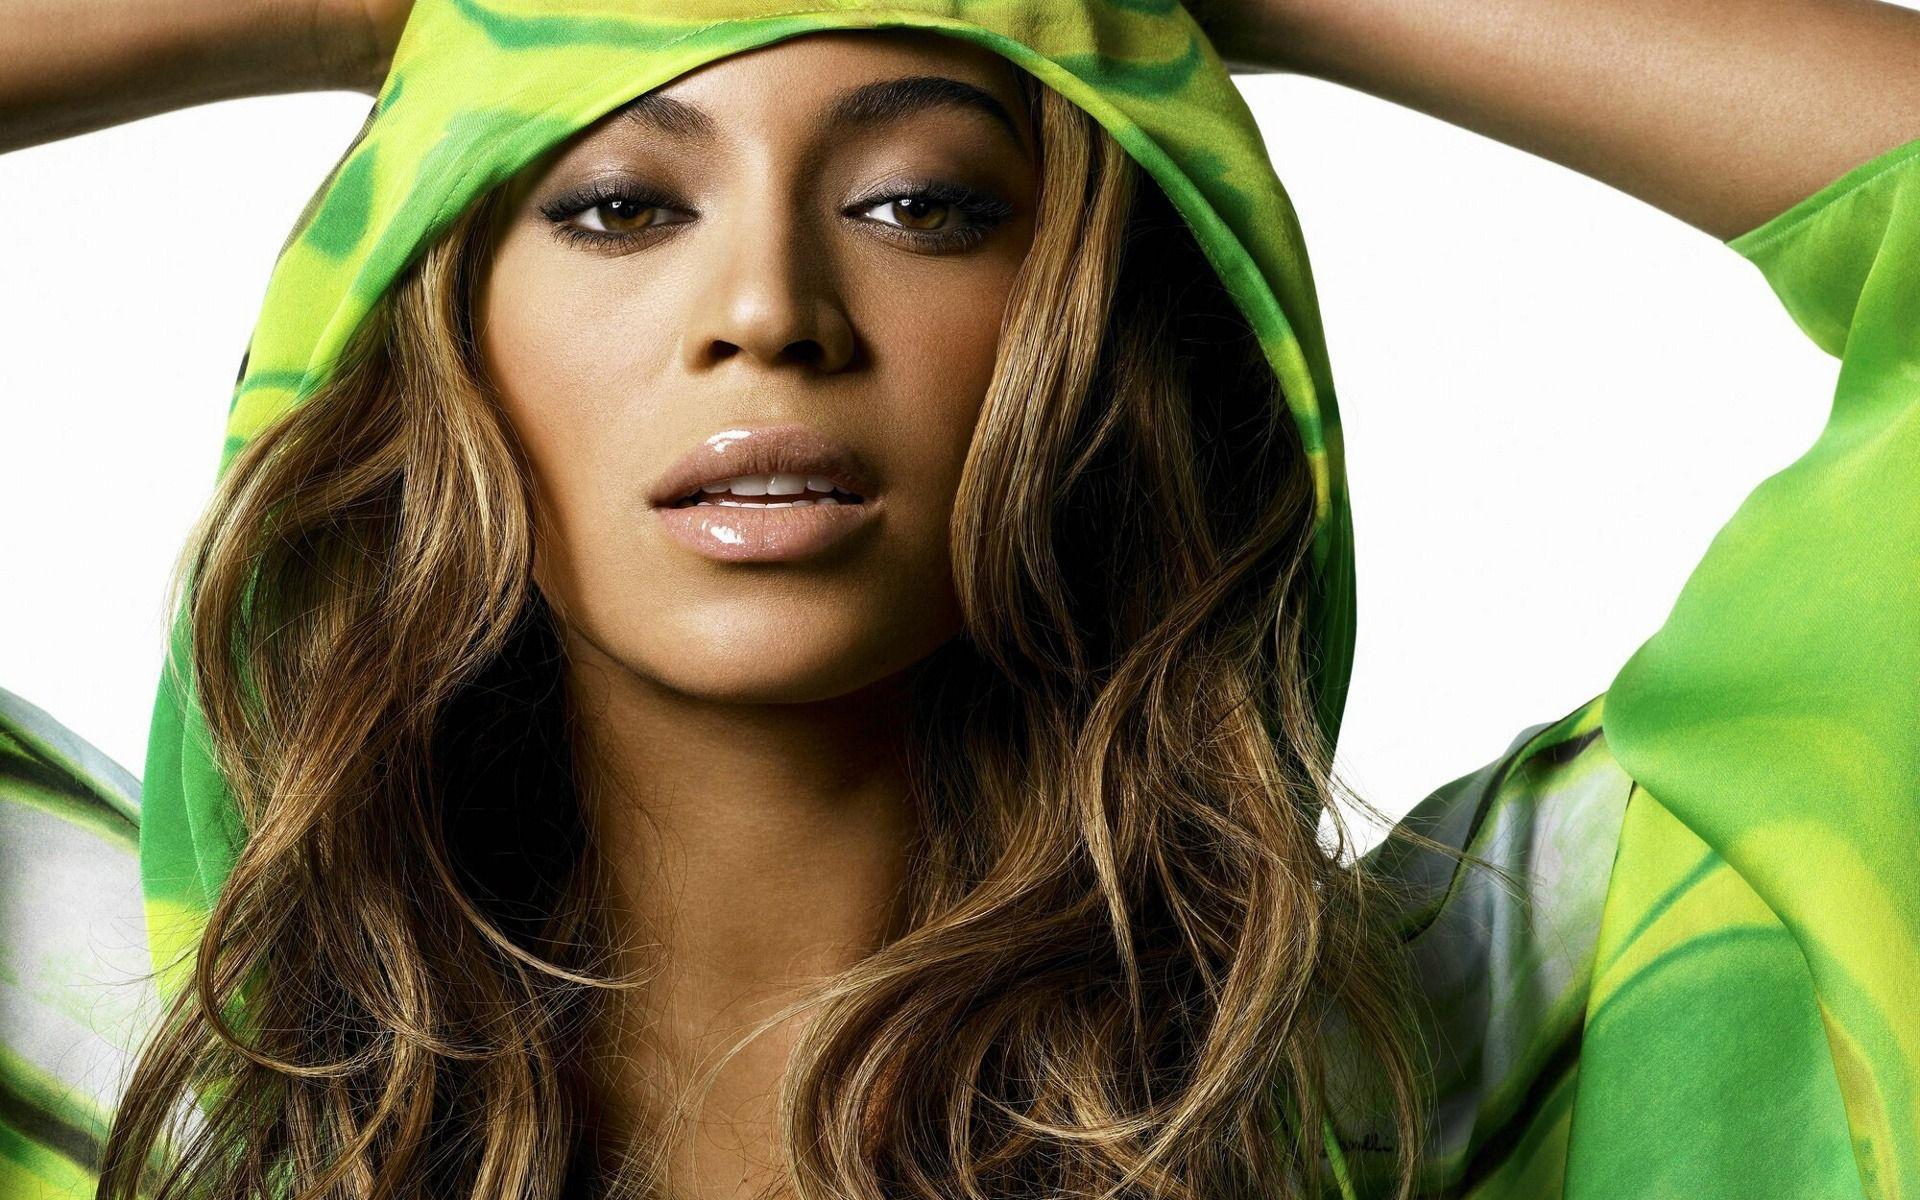 Female Celebrity Wallpapers - WallpaperSafari